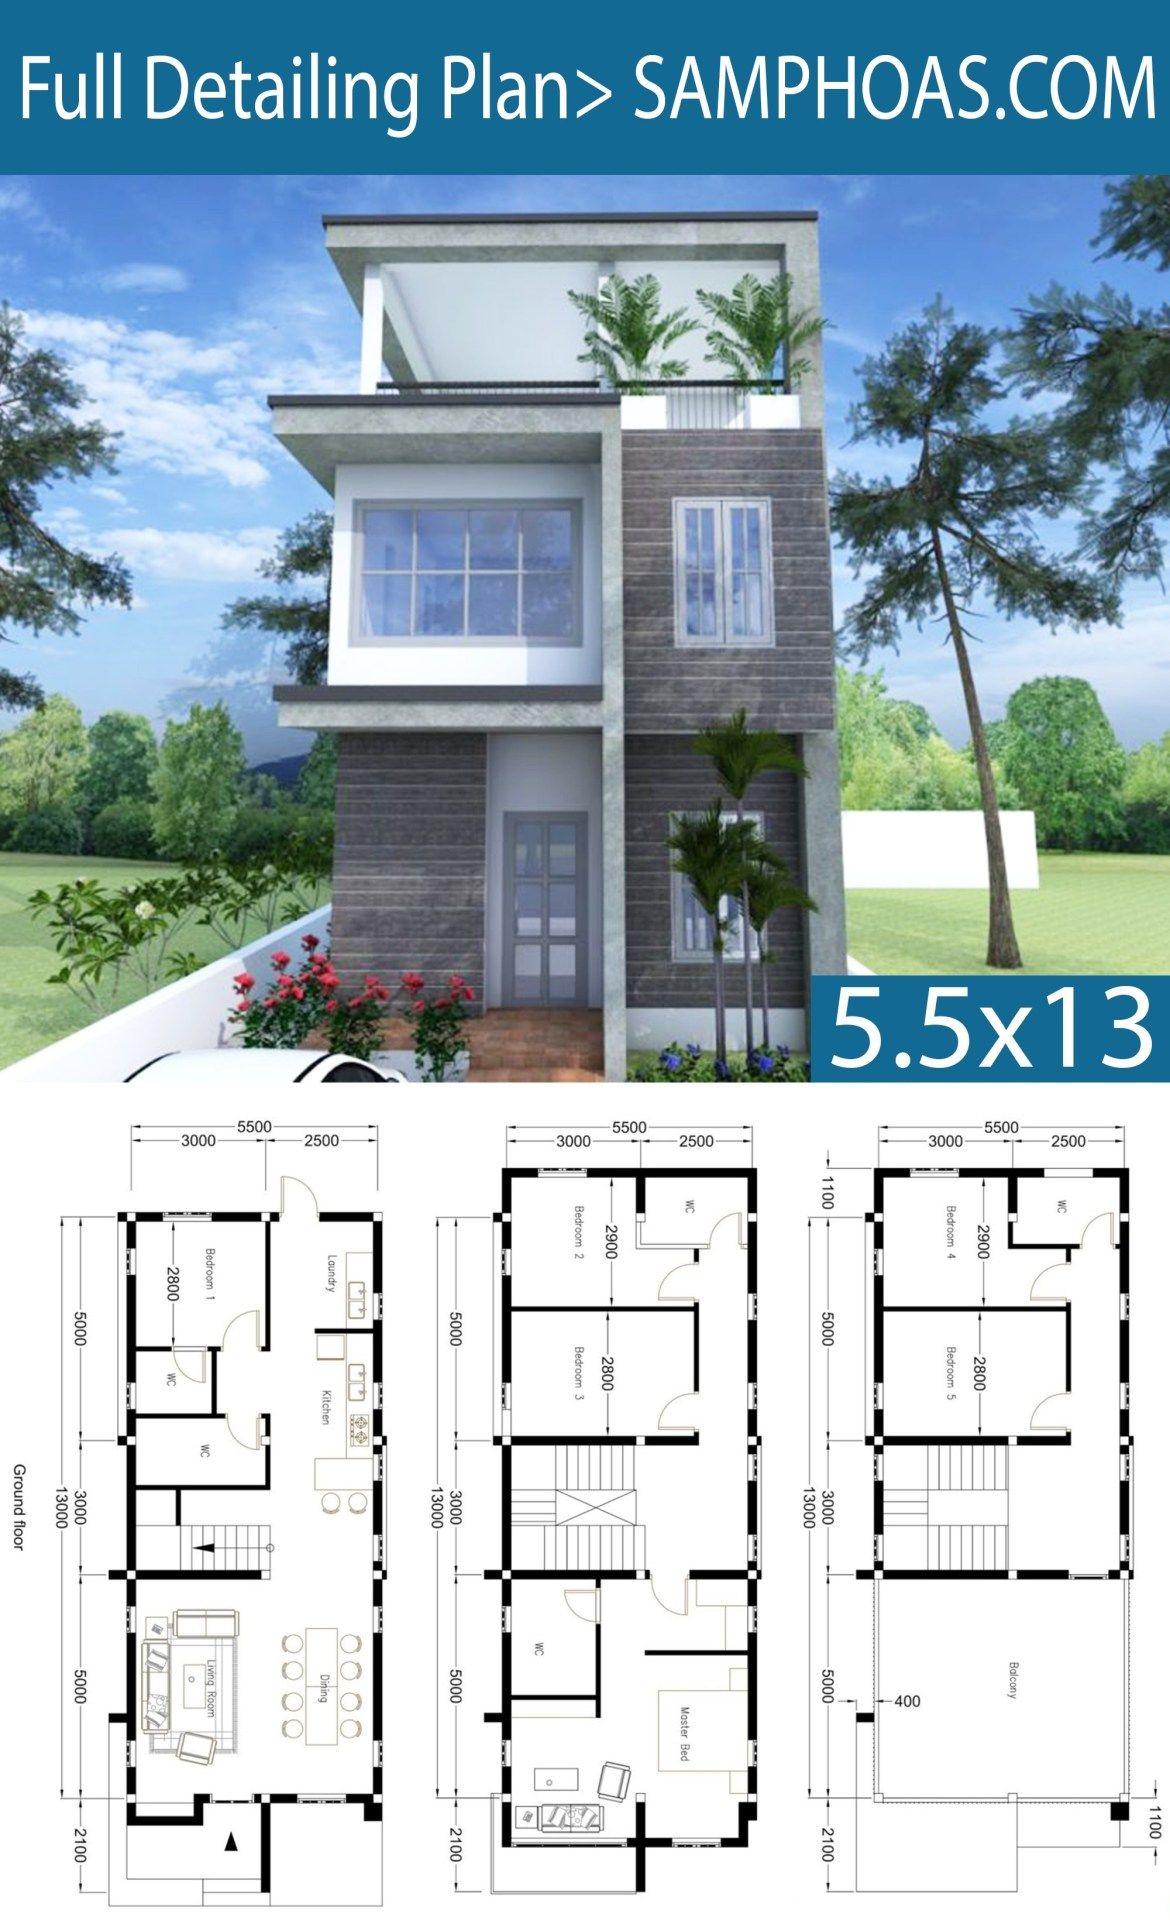 Modern Home Plan 5 5x13m With 6 Bedroom Planos De Casas Pequenas Modernas Disenos De Casas Y Diseno Casas Pequenas